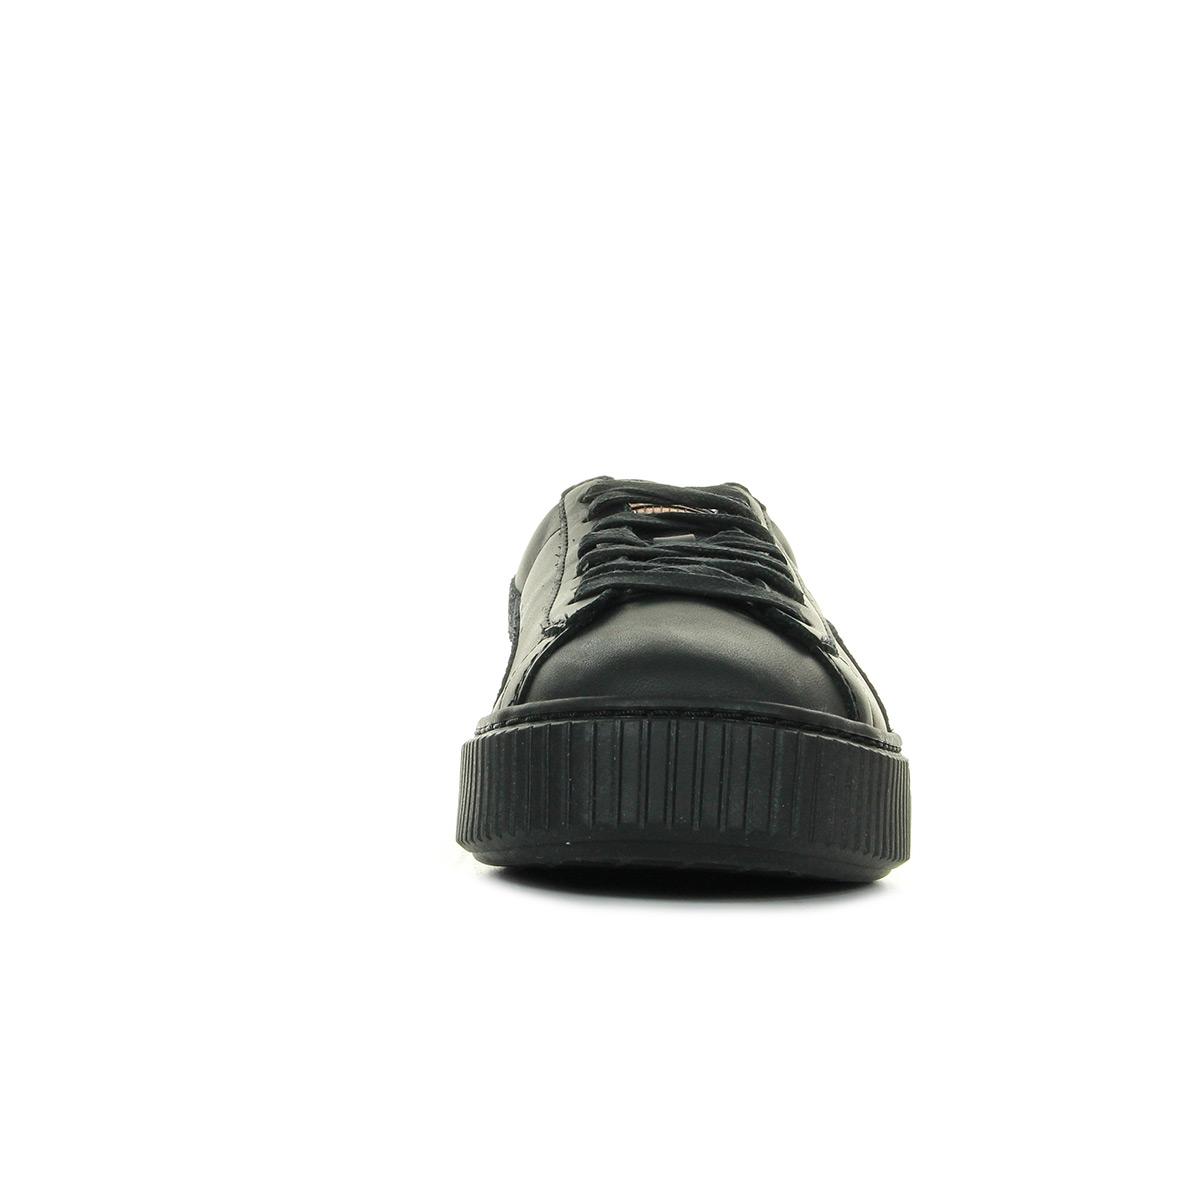 Puma Basket Platform Euphoria RG 36681401, Baskets mode femme